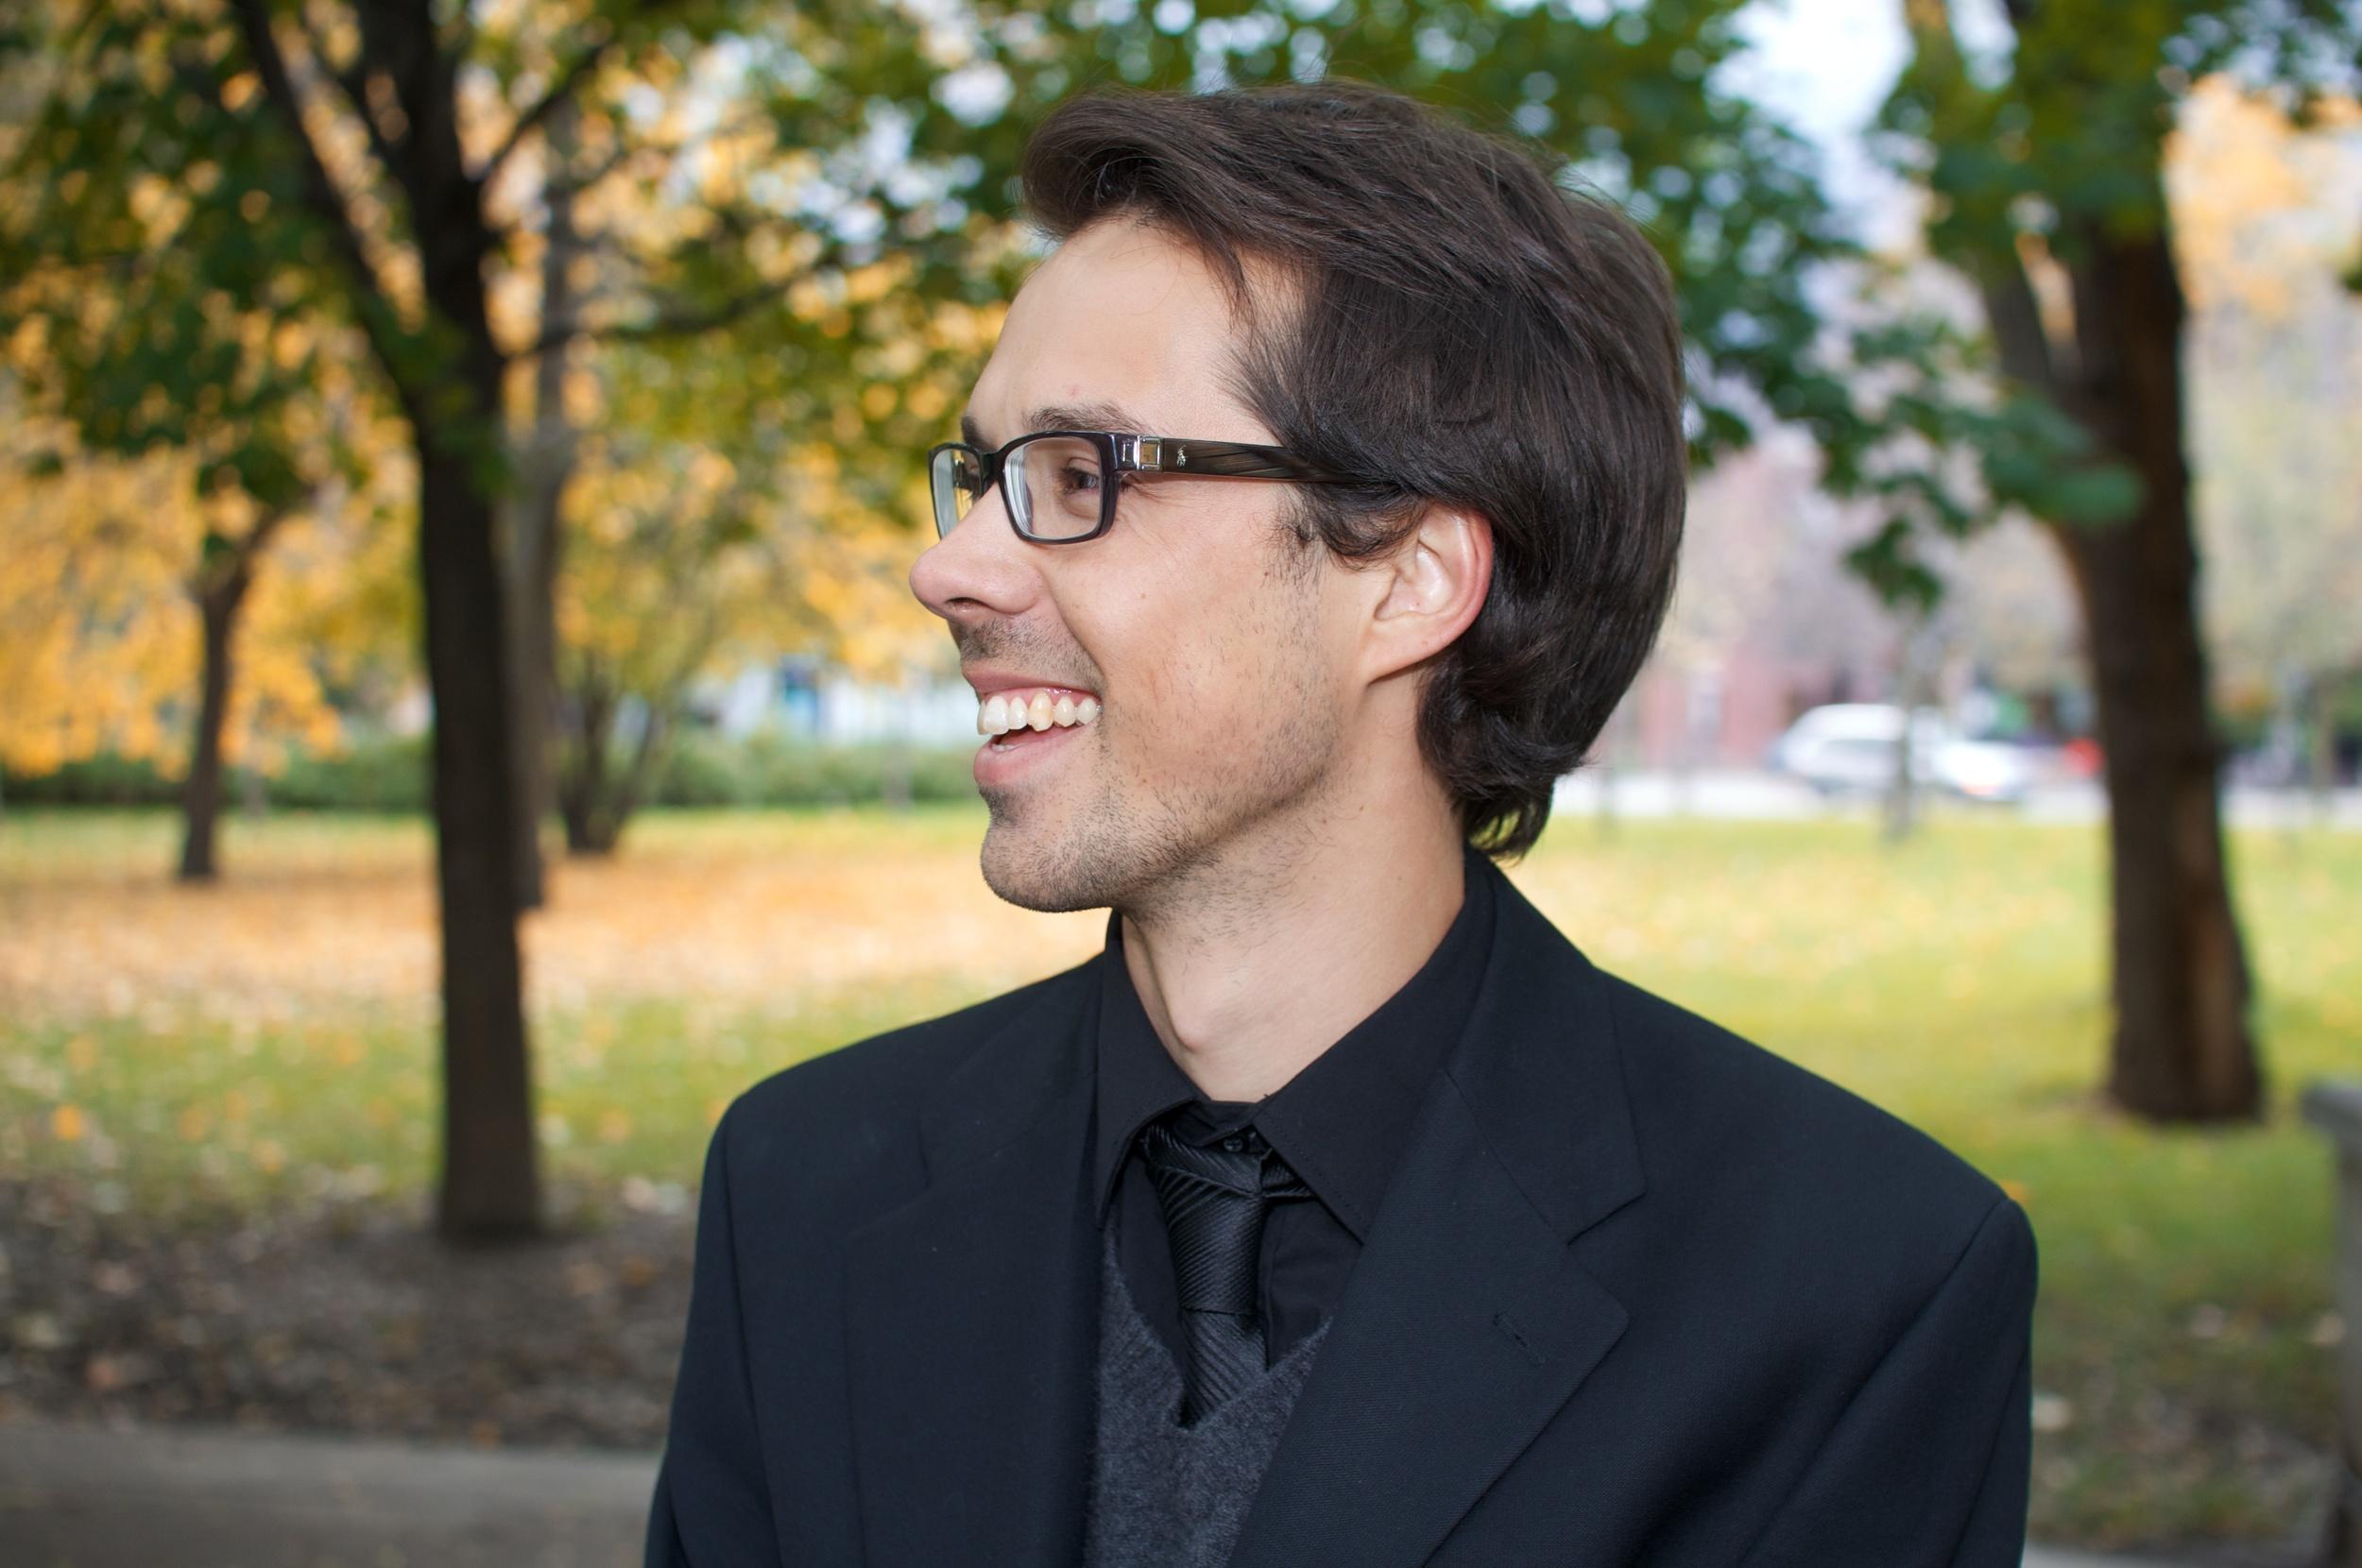 Ludovic Glorieux, B.A., B.Mus. Ms.Econ., violoncelliste & co-fondateur